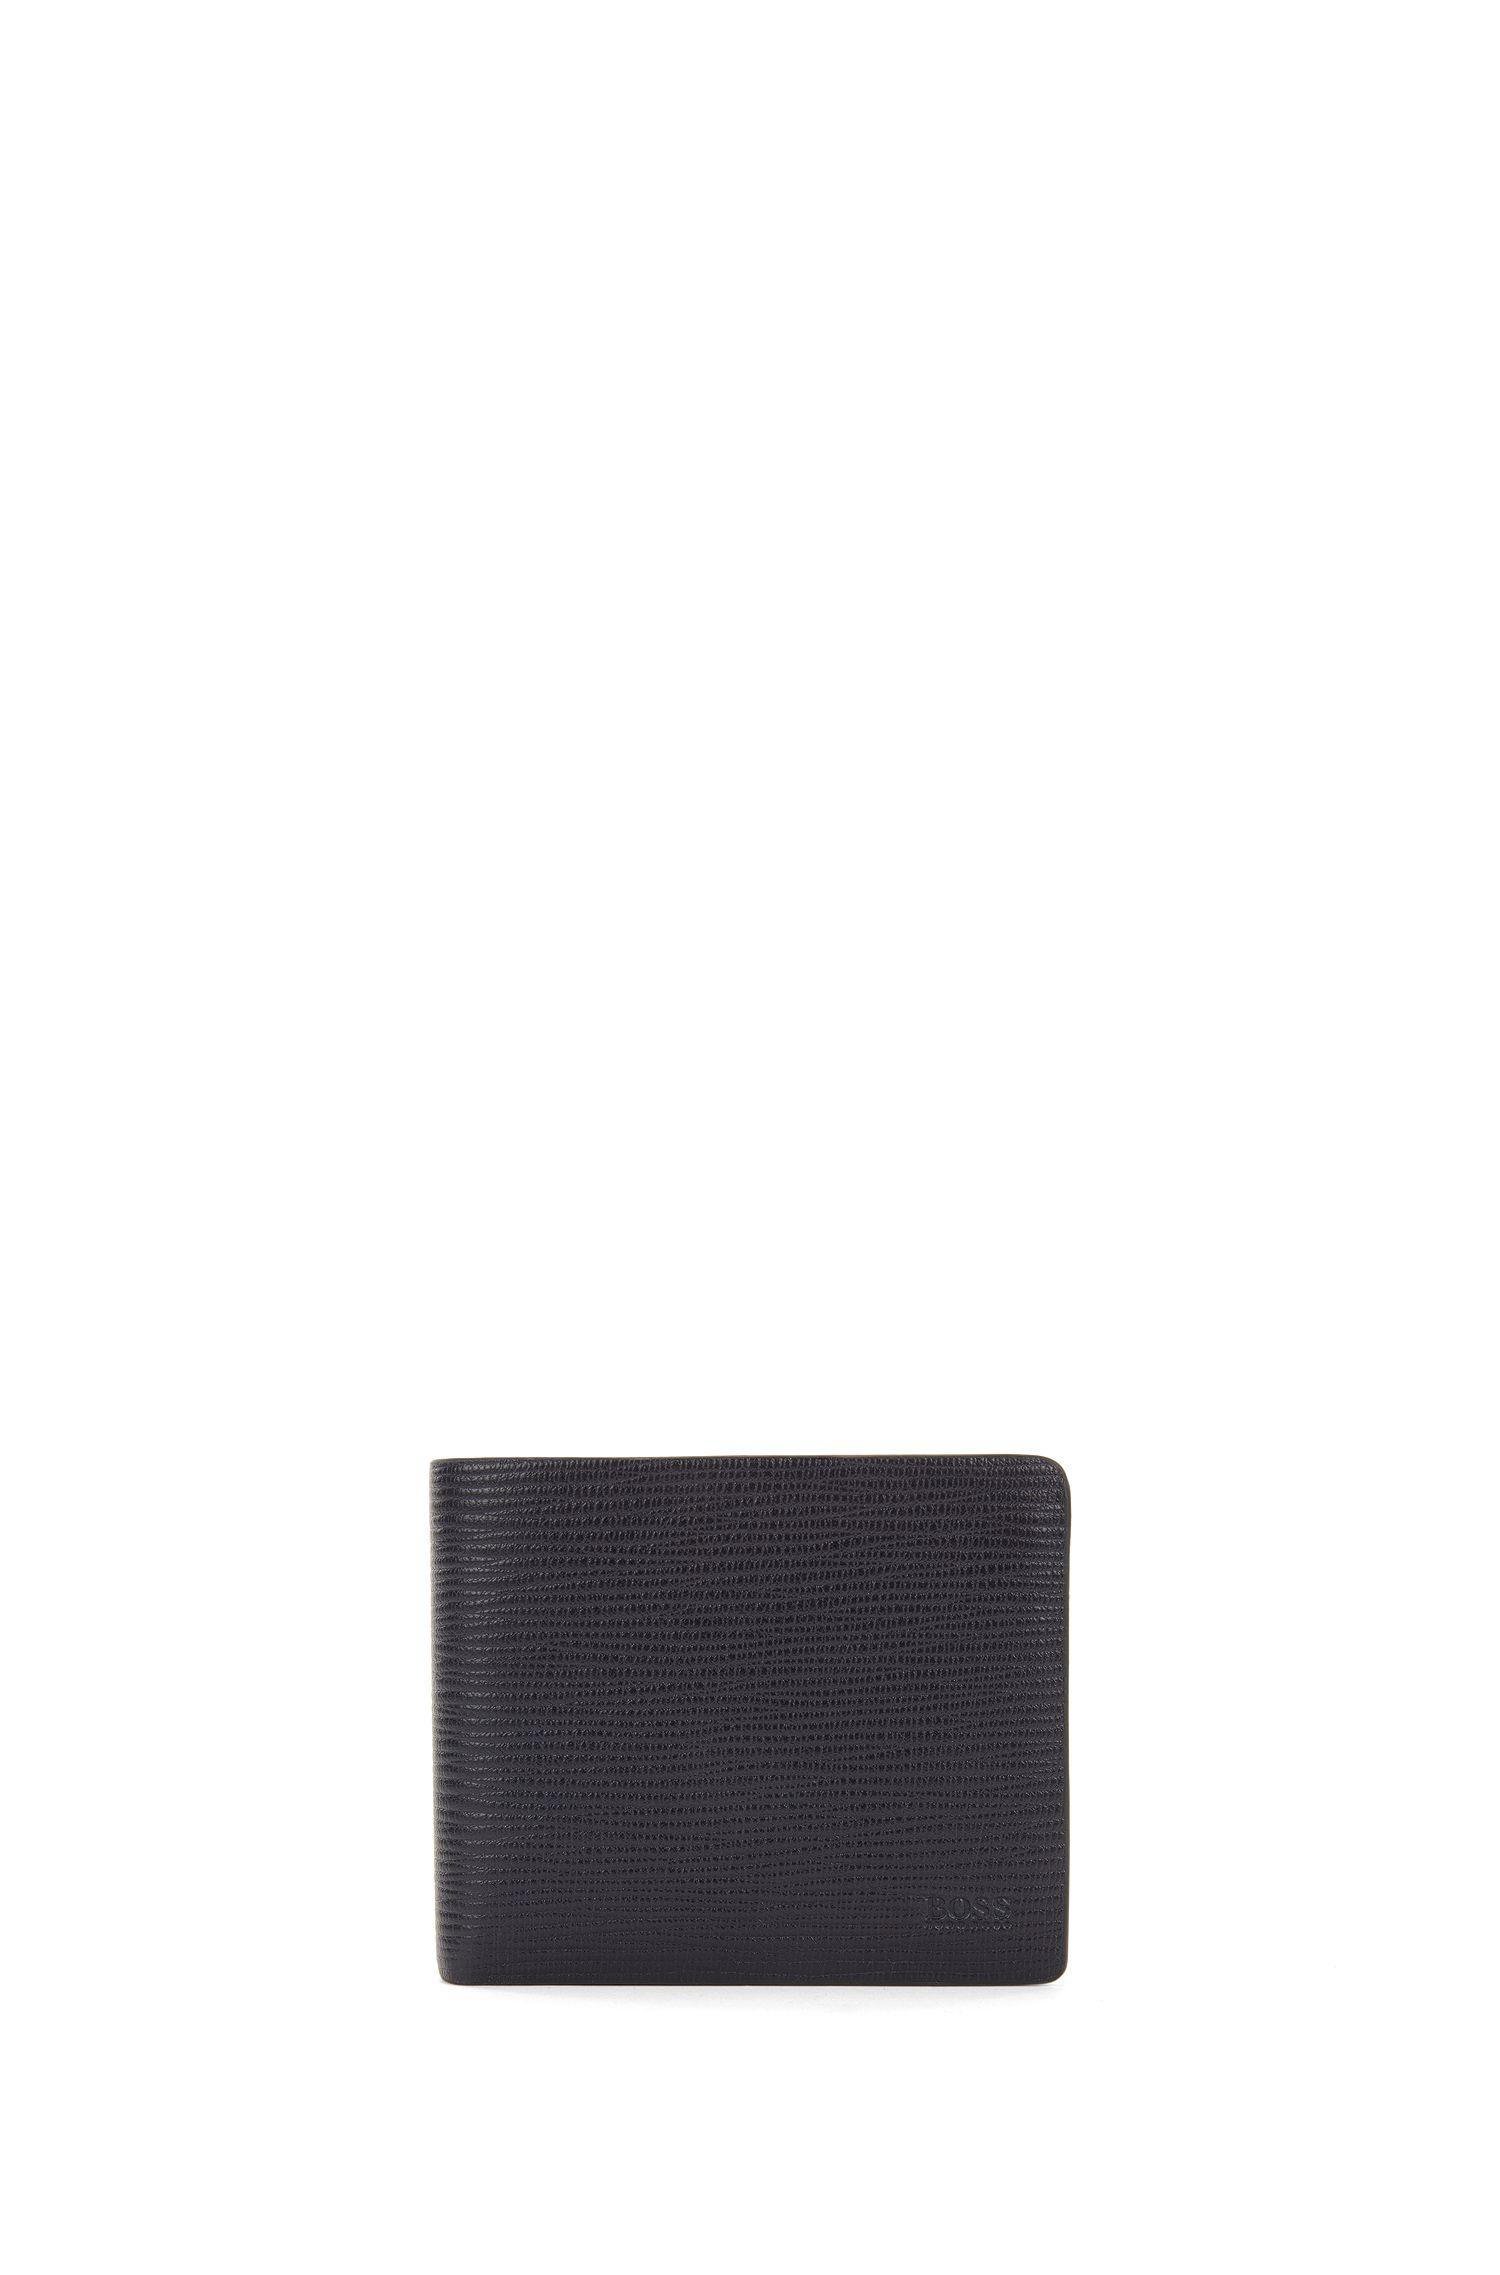 Openklapbare portemonnee van bedrukt leer met acht vakjes voor pasjes